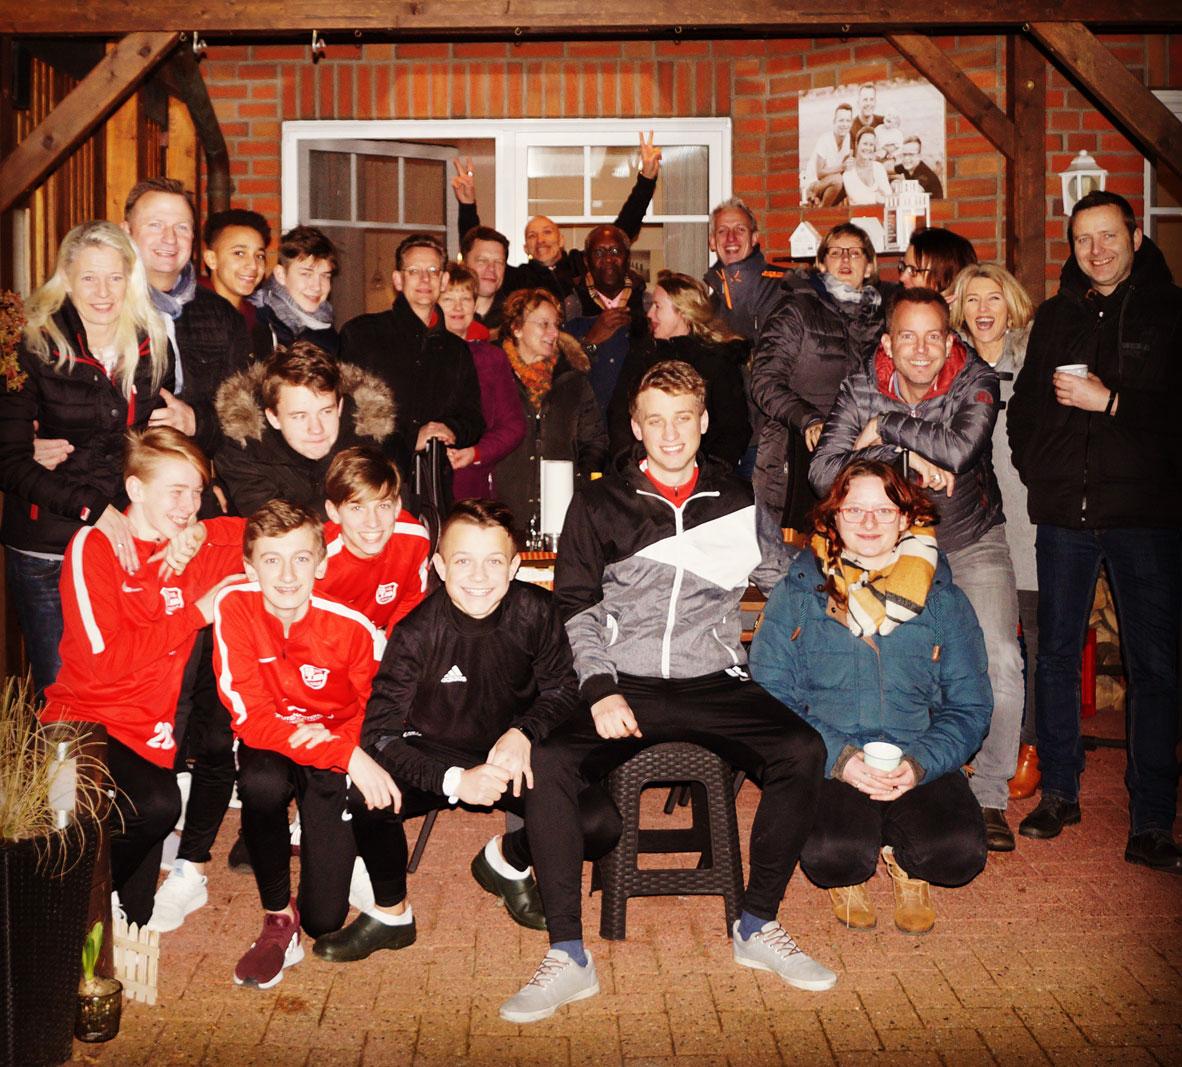 Am Samstag, den 10.02.2018 hat sich die 1: C-Jugend des Vfl Stenum bei der niedersächsischen Landesmeisterschaft wacker geschlagen und ist am Ende mit einem starken 4. Platz nach Hause gefahren, was am Abend spontan gefeiert wurde.